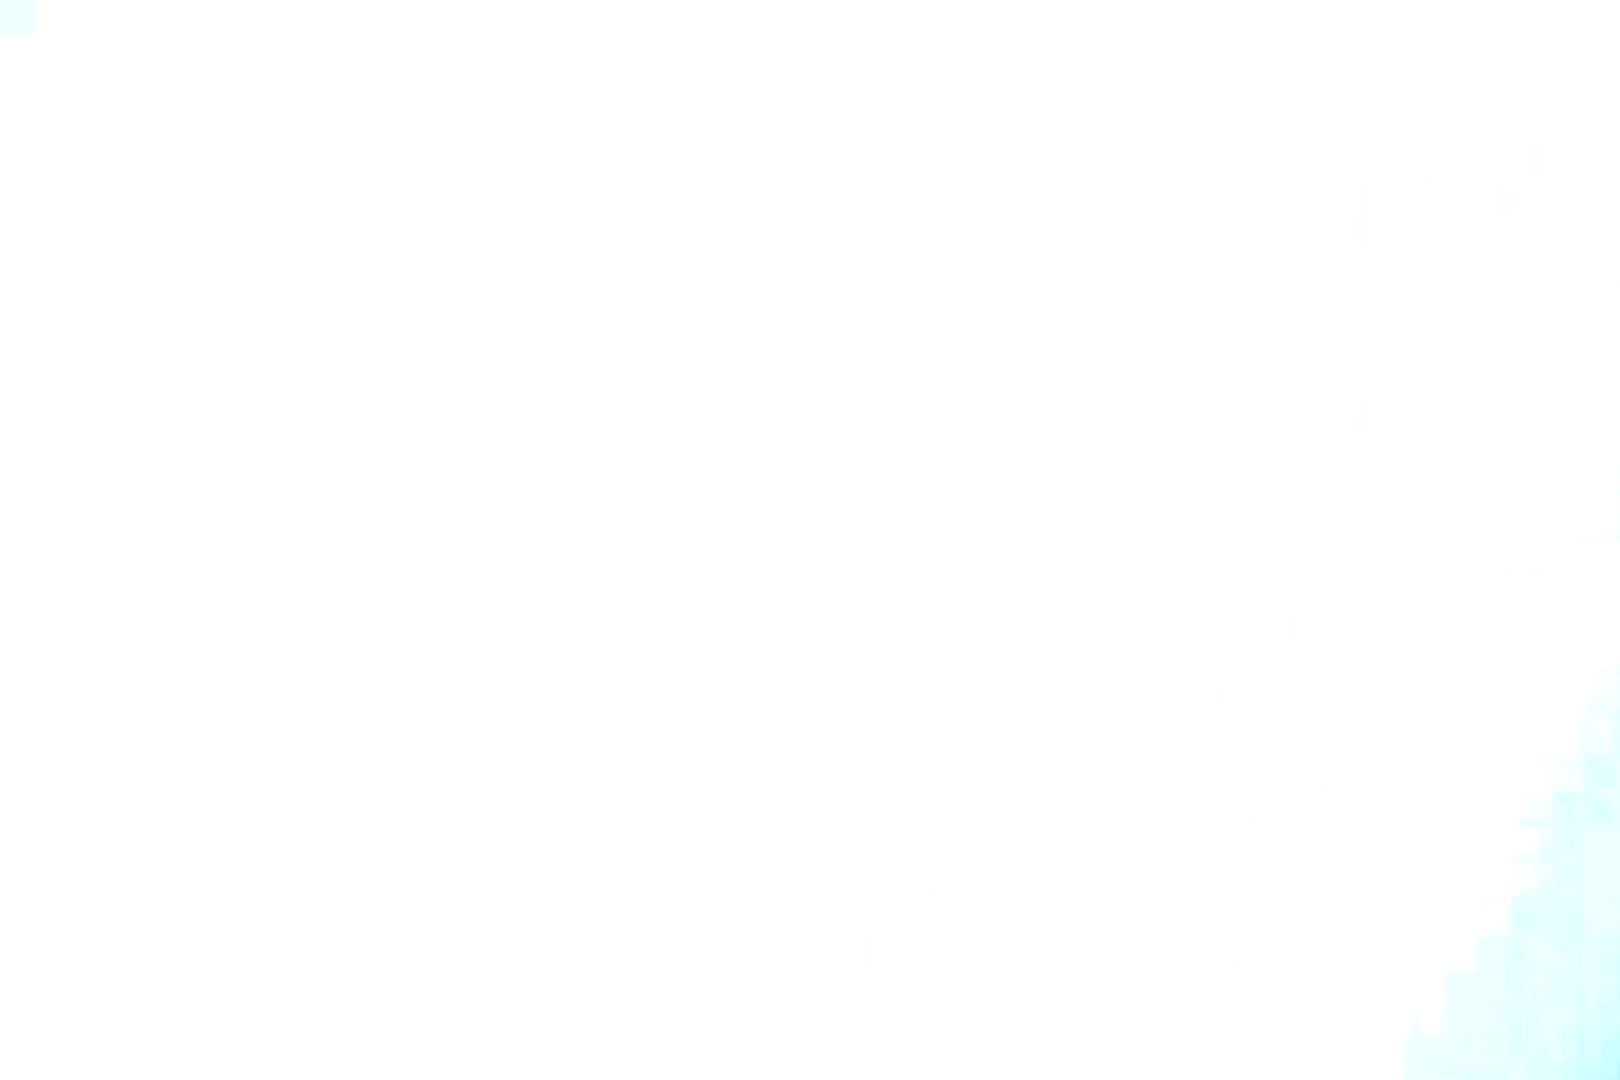 充血監督の深夜の運動会Vol.31 OLの実態 | カップル  33pic 11